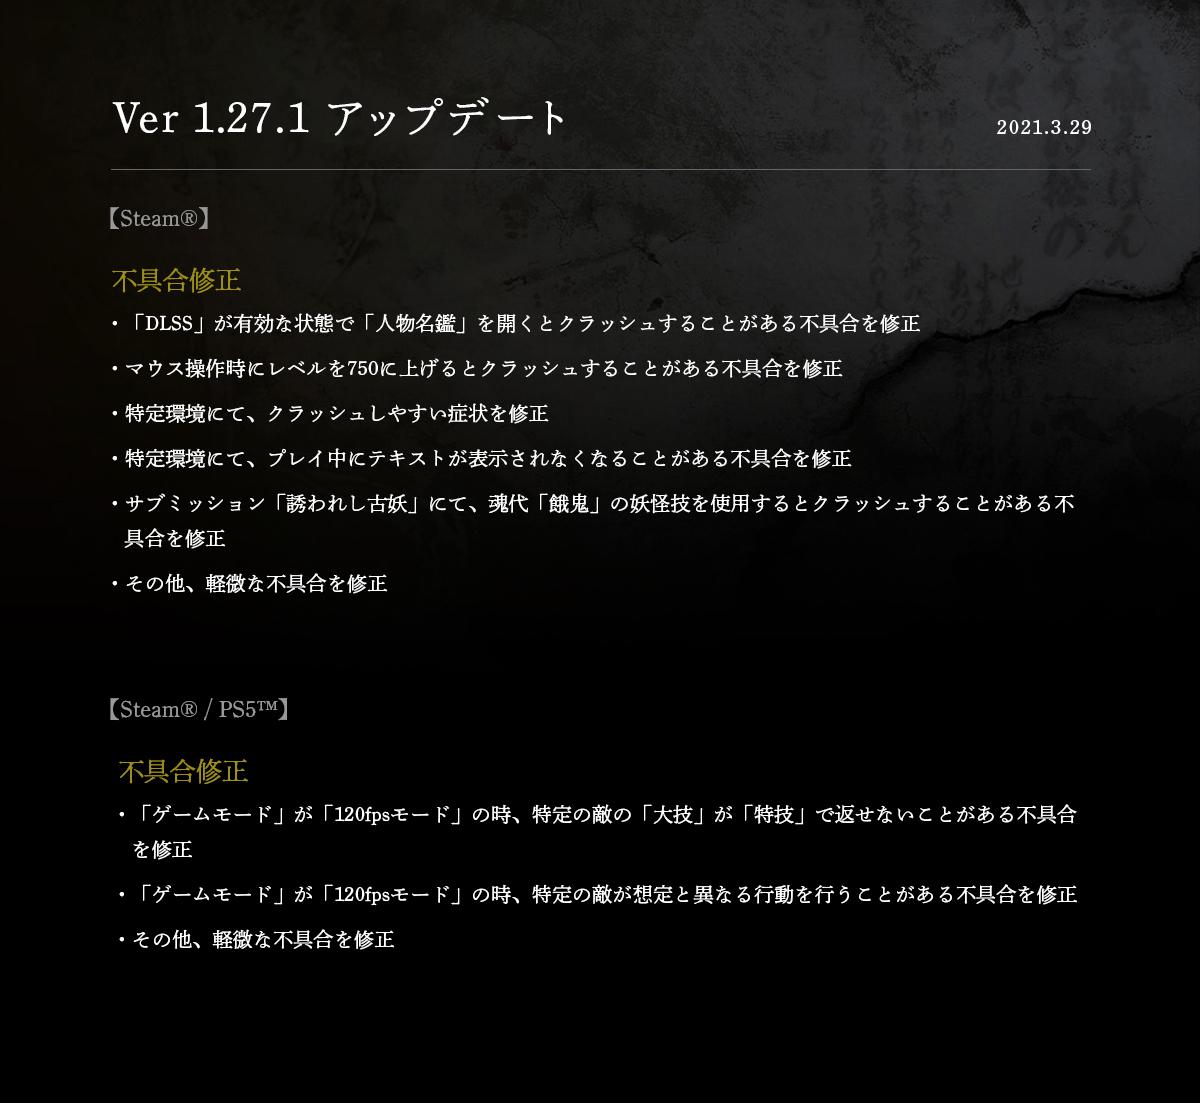 《仁王2》最新补丁上线 主要修复Steam/PS5版各种BUG